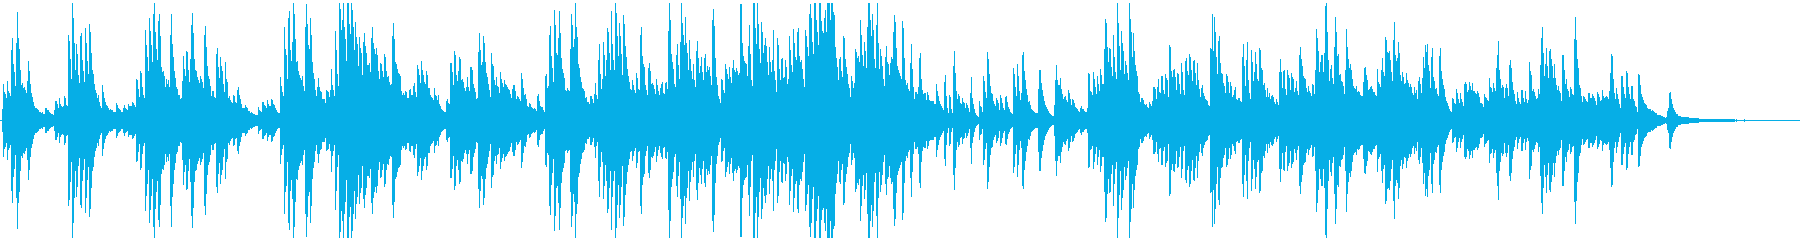 美しく感動的で壮大なピアノバラードの再生済みの波形